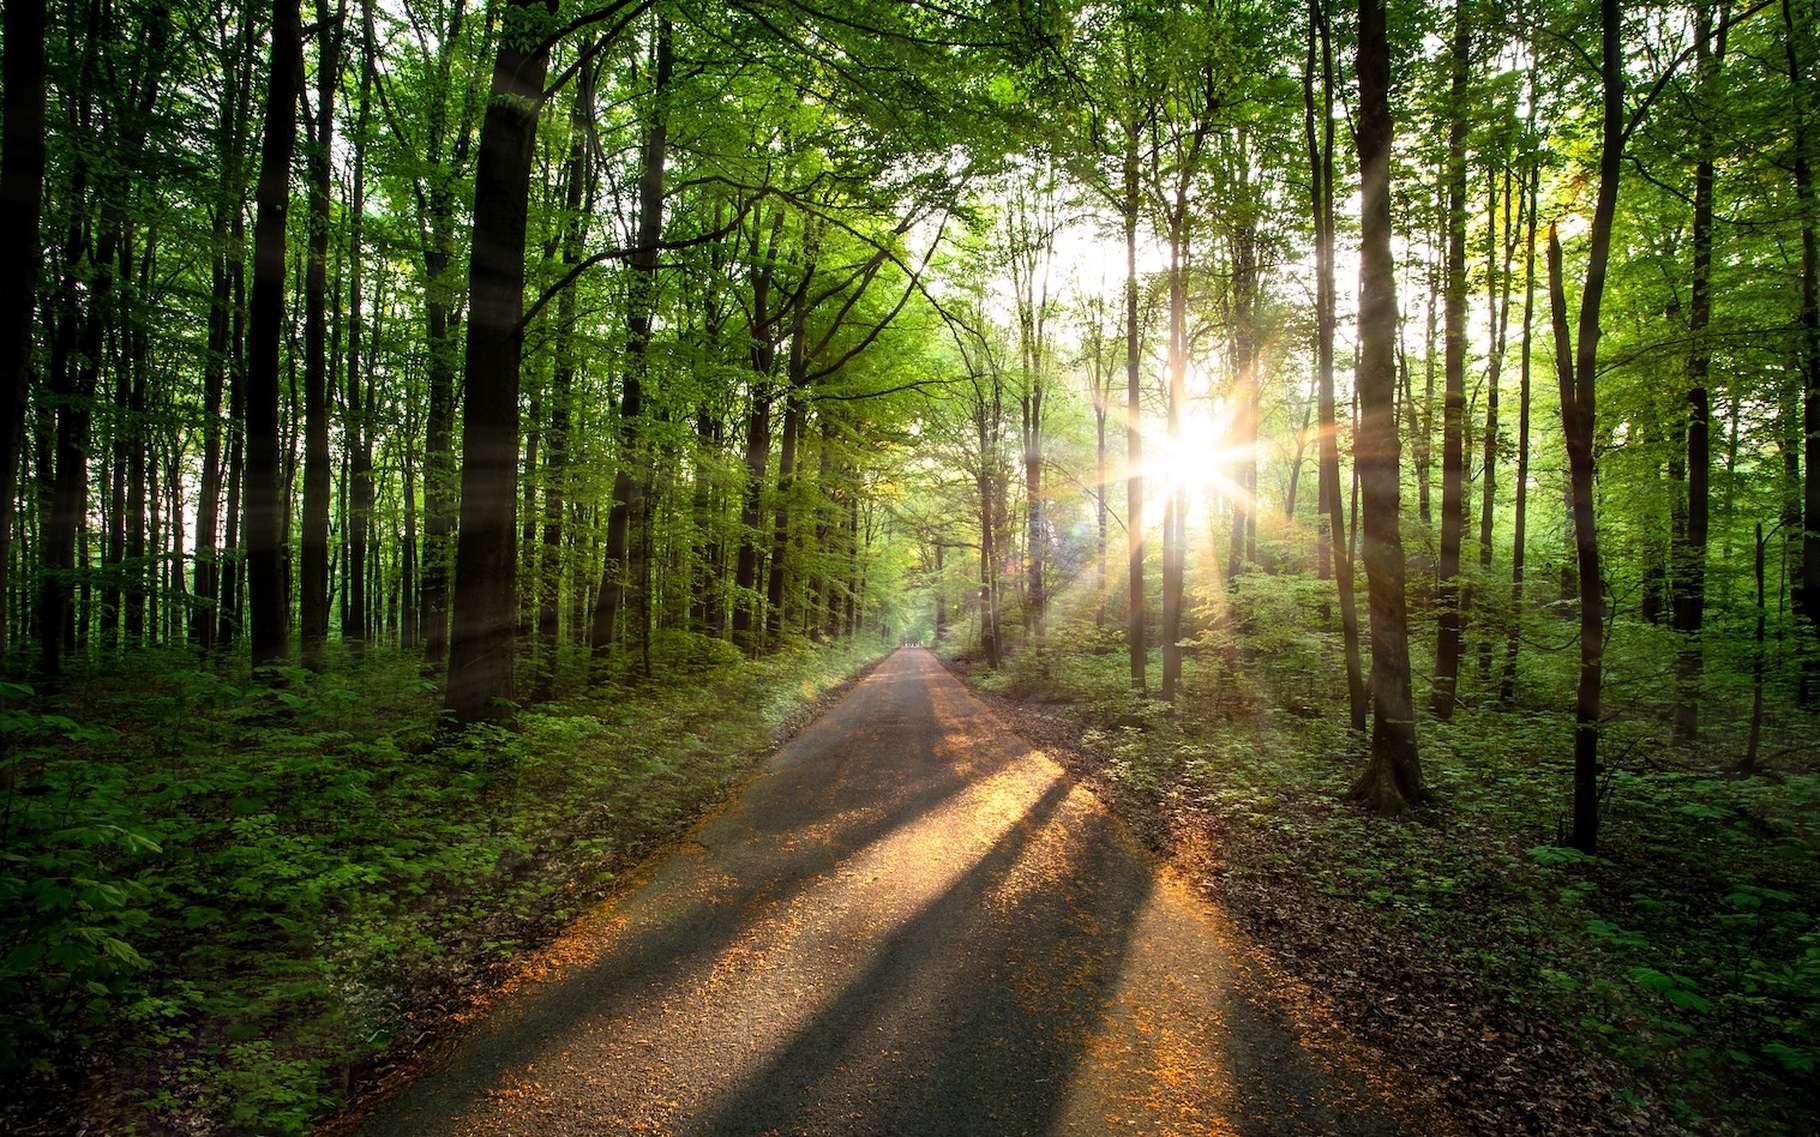 Participer à un projet de lutte contre la déforestation correspond à une façon de s'inscrire dans une démarche de compensation carbone © Evgeni Tcherkasski, Unsplash